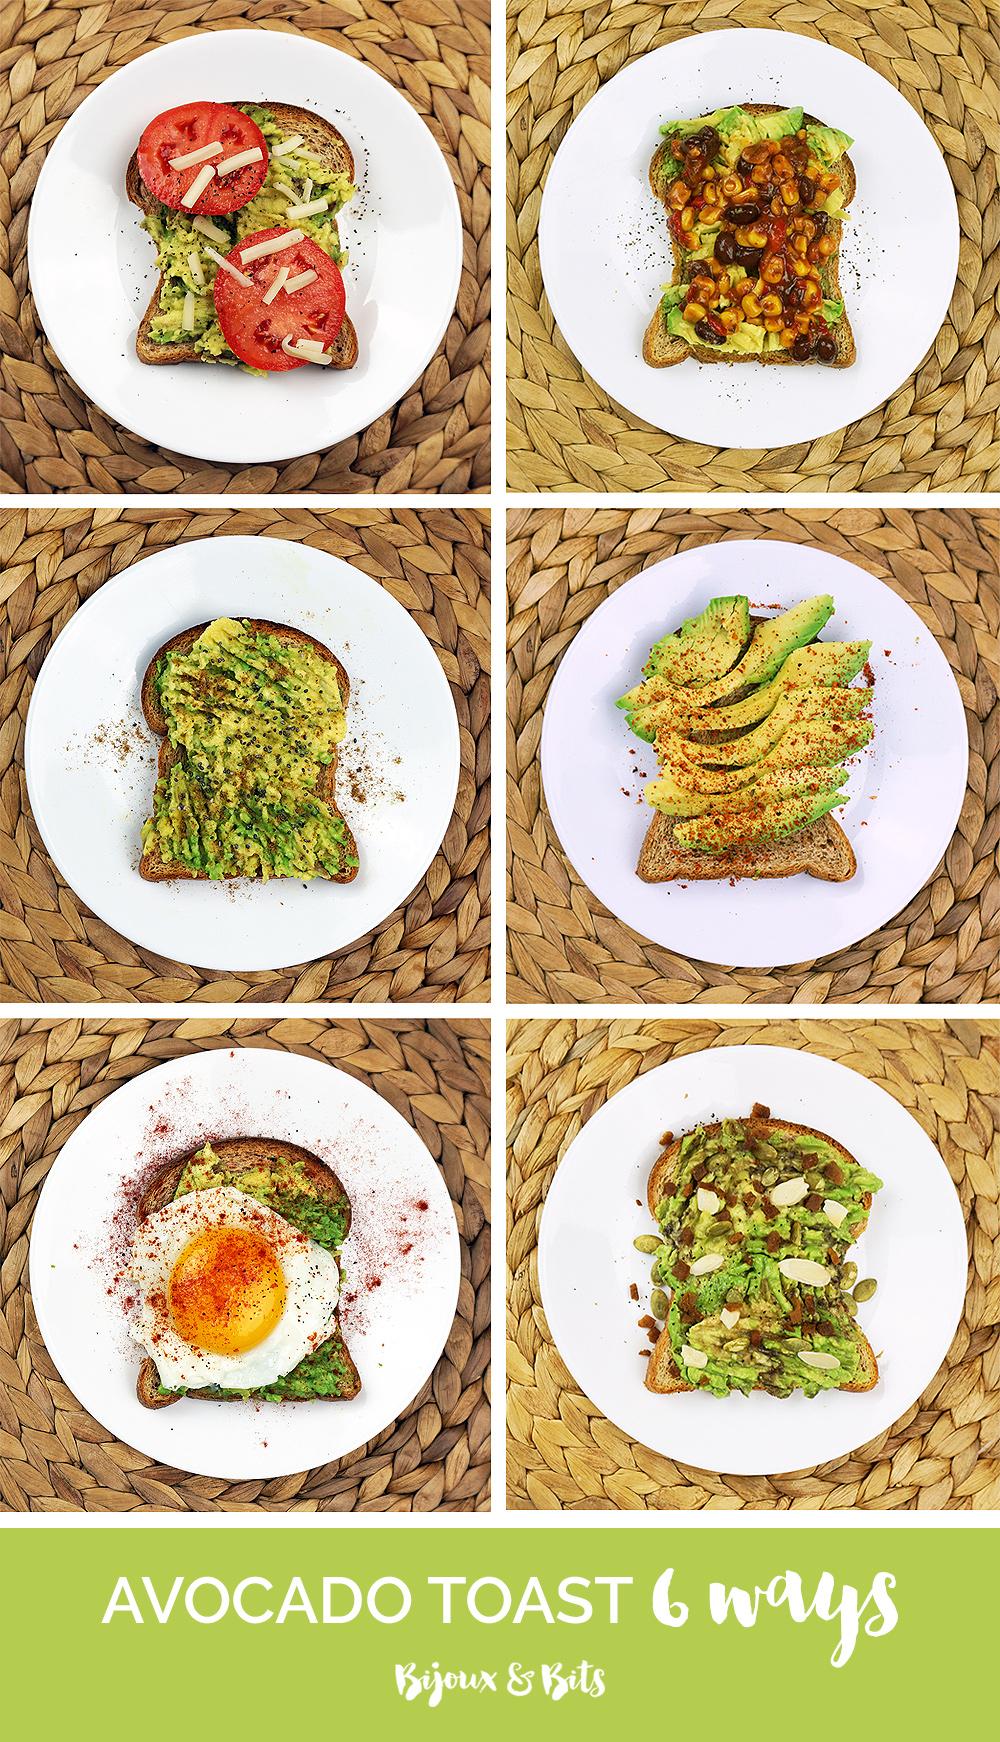 6 avocado toast recipes from @bijouxandbits